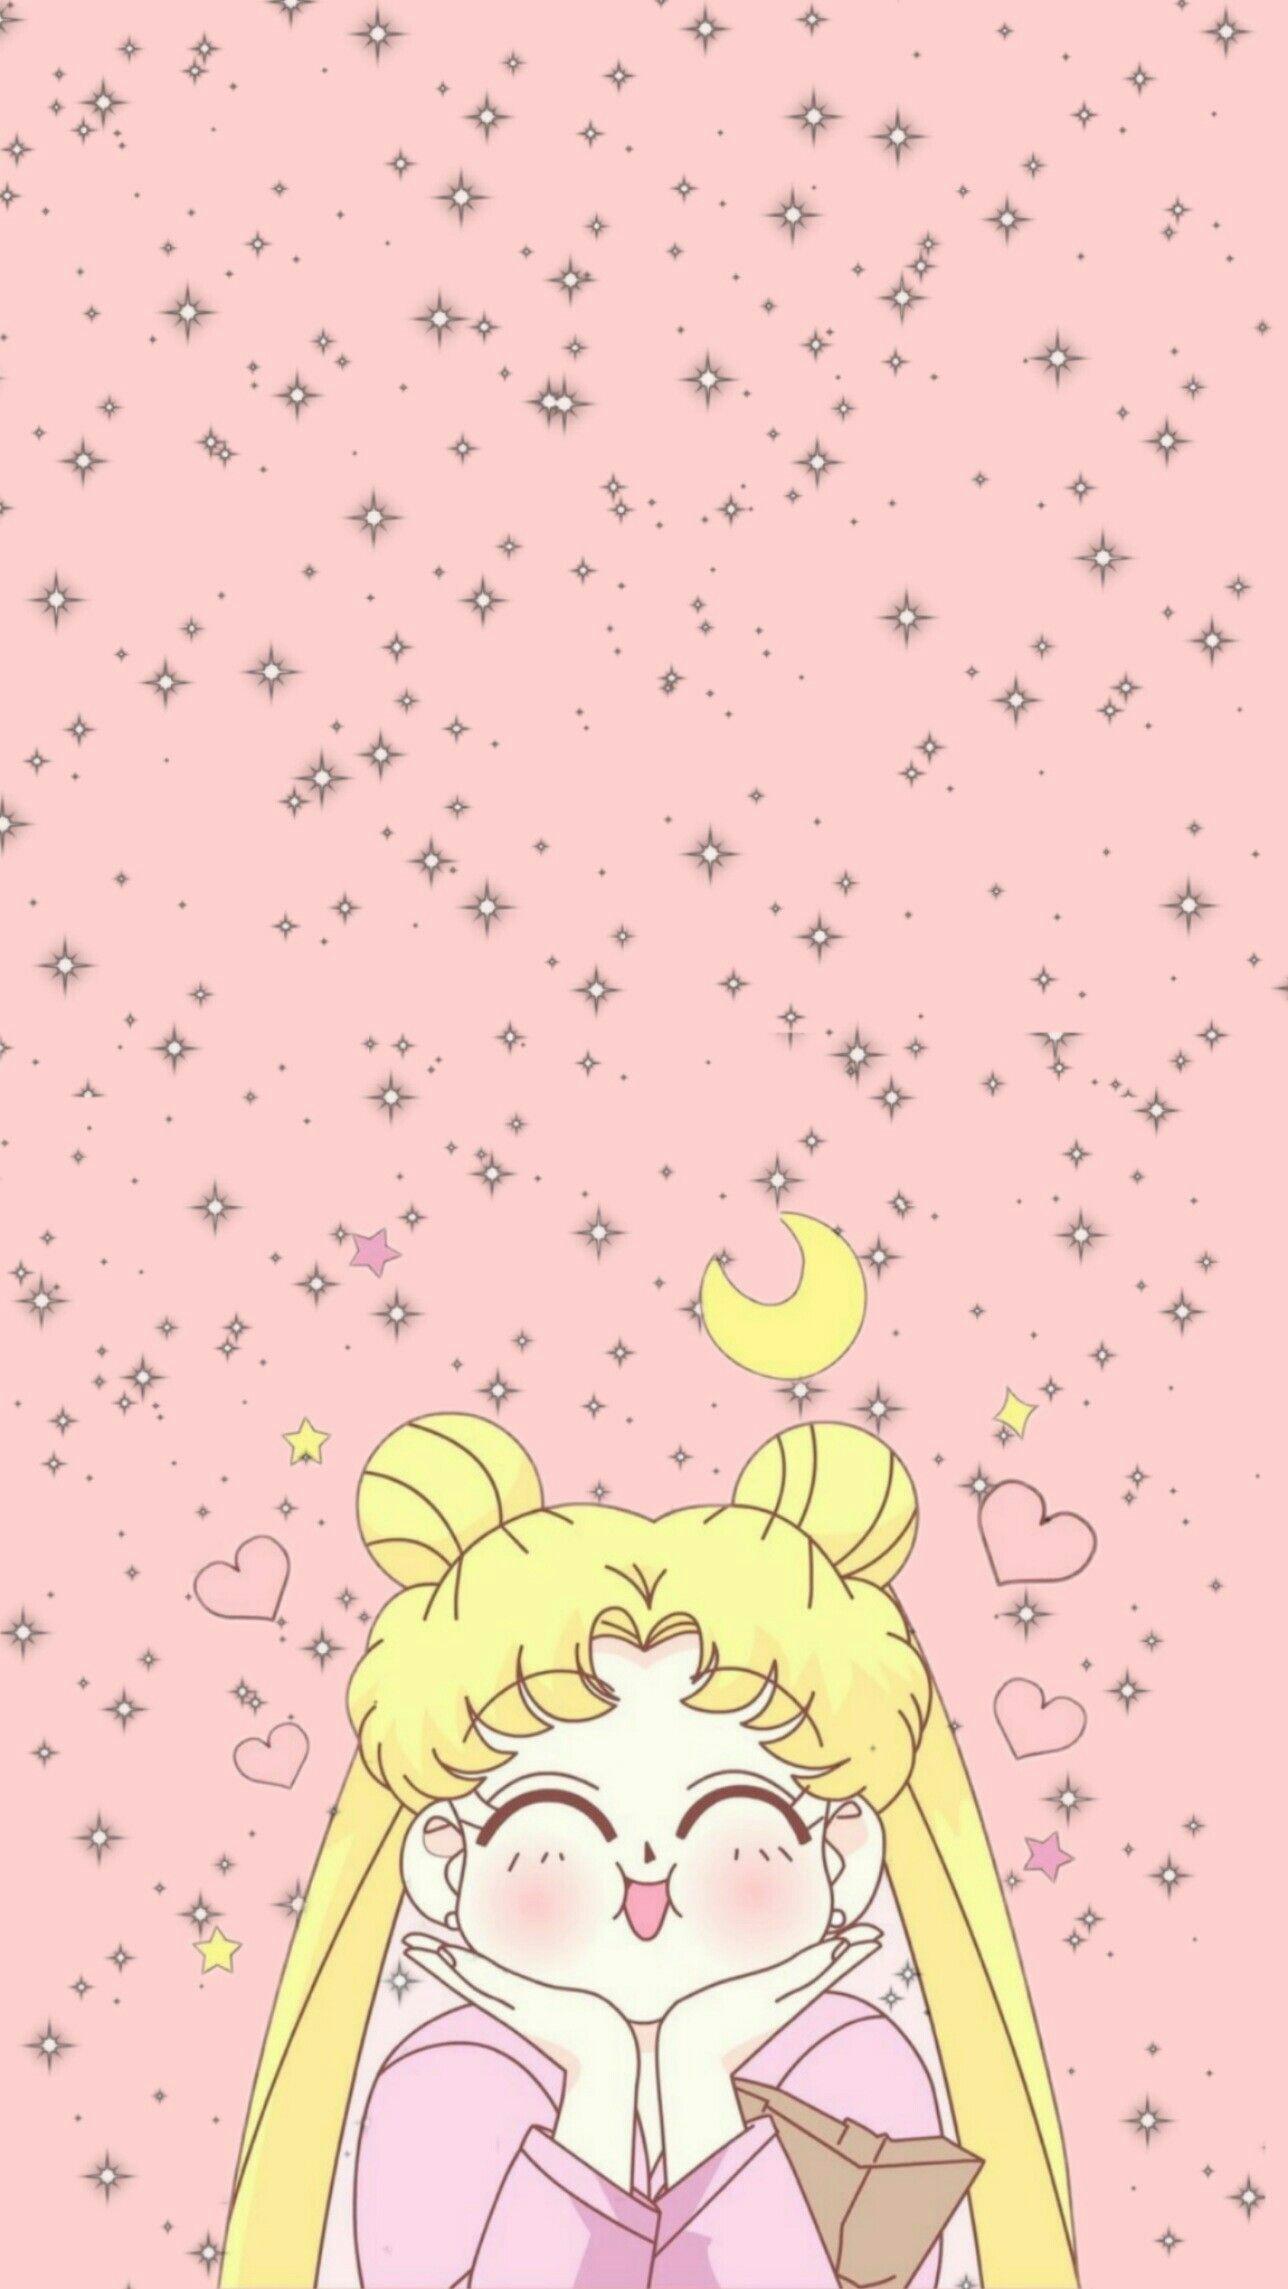 Sailor Moon Sailor Moon Wallpaper Sailor Moon Background Sailor Moon Art